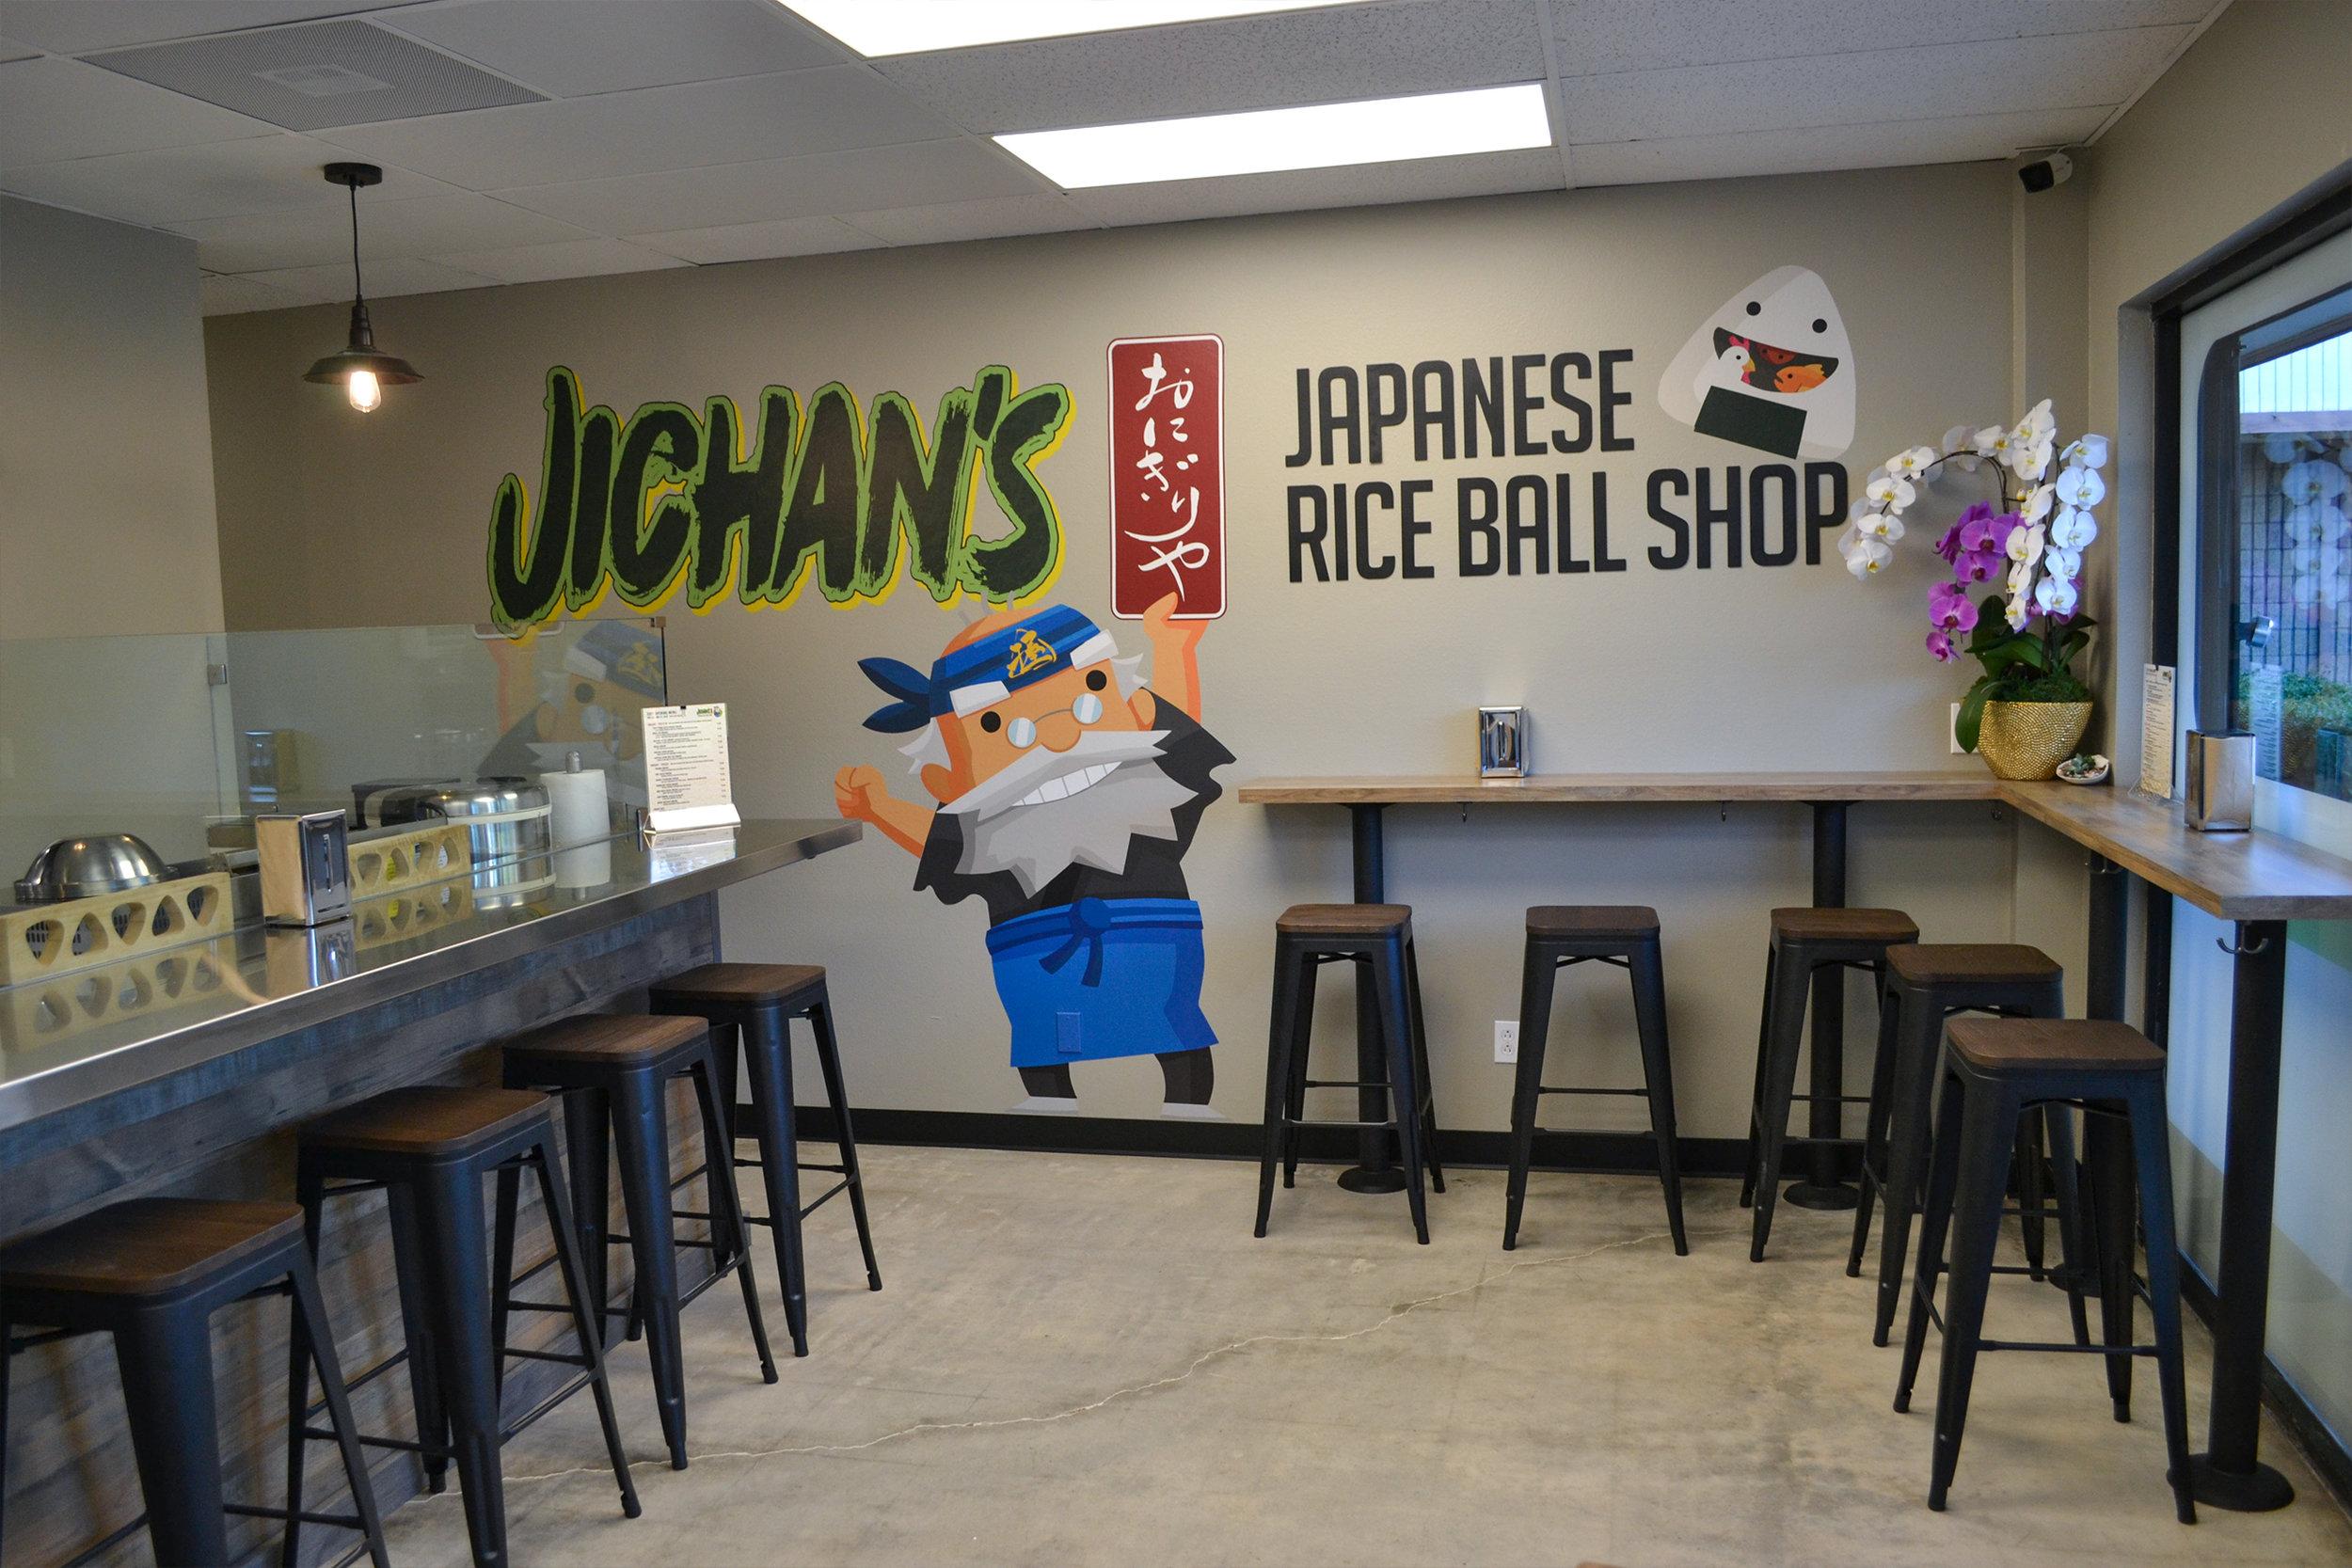 Jichans-Onigiri-ya-Restaurant-Interior-2.jpg